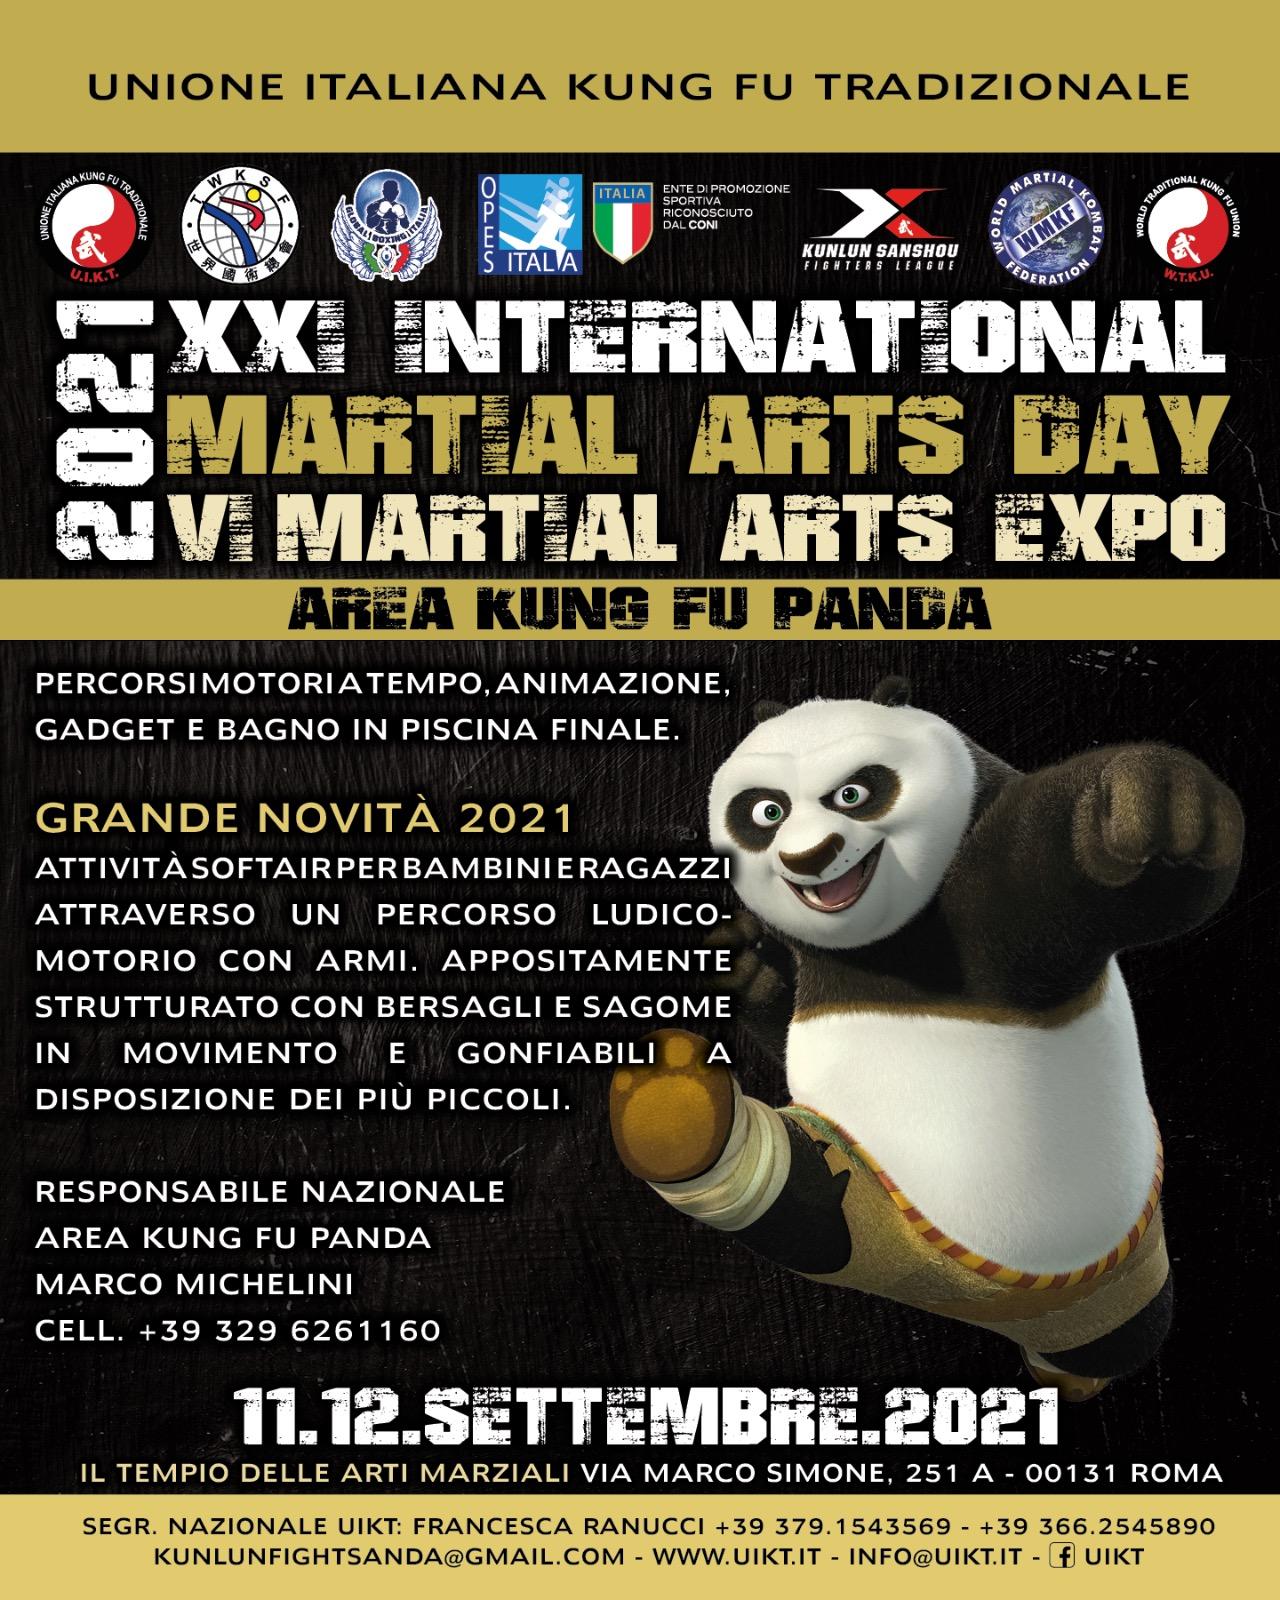 IMAD Area Kung Fu Panda